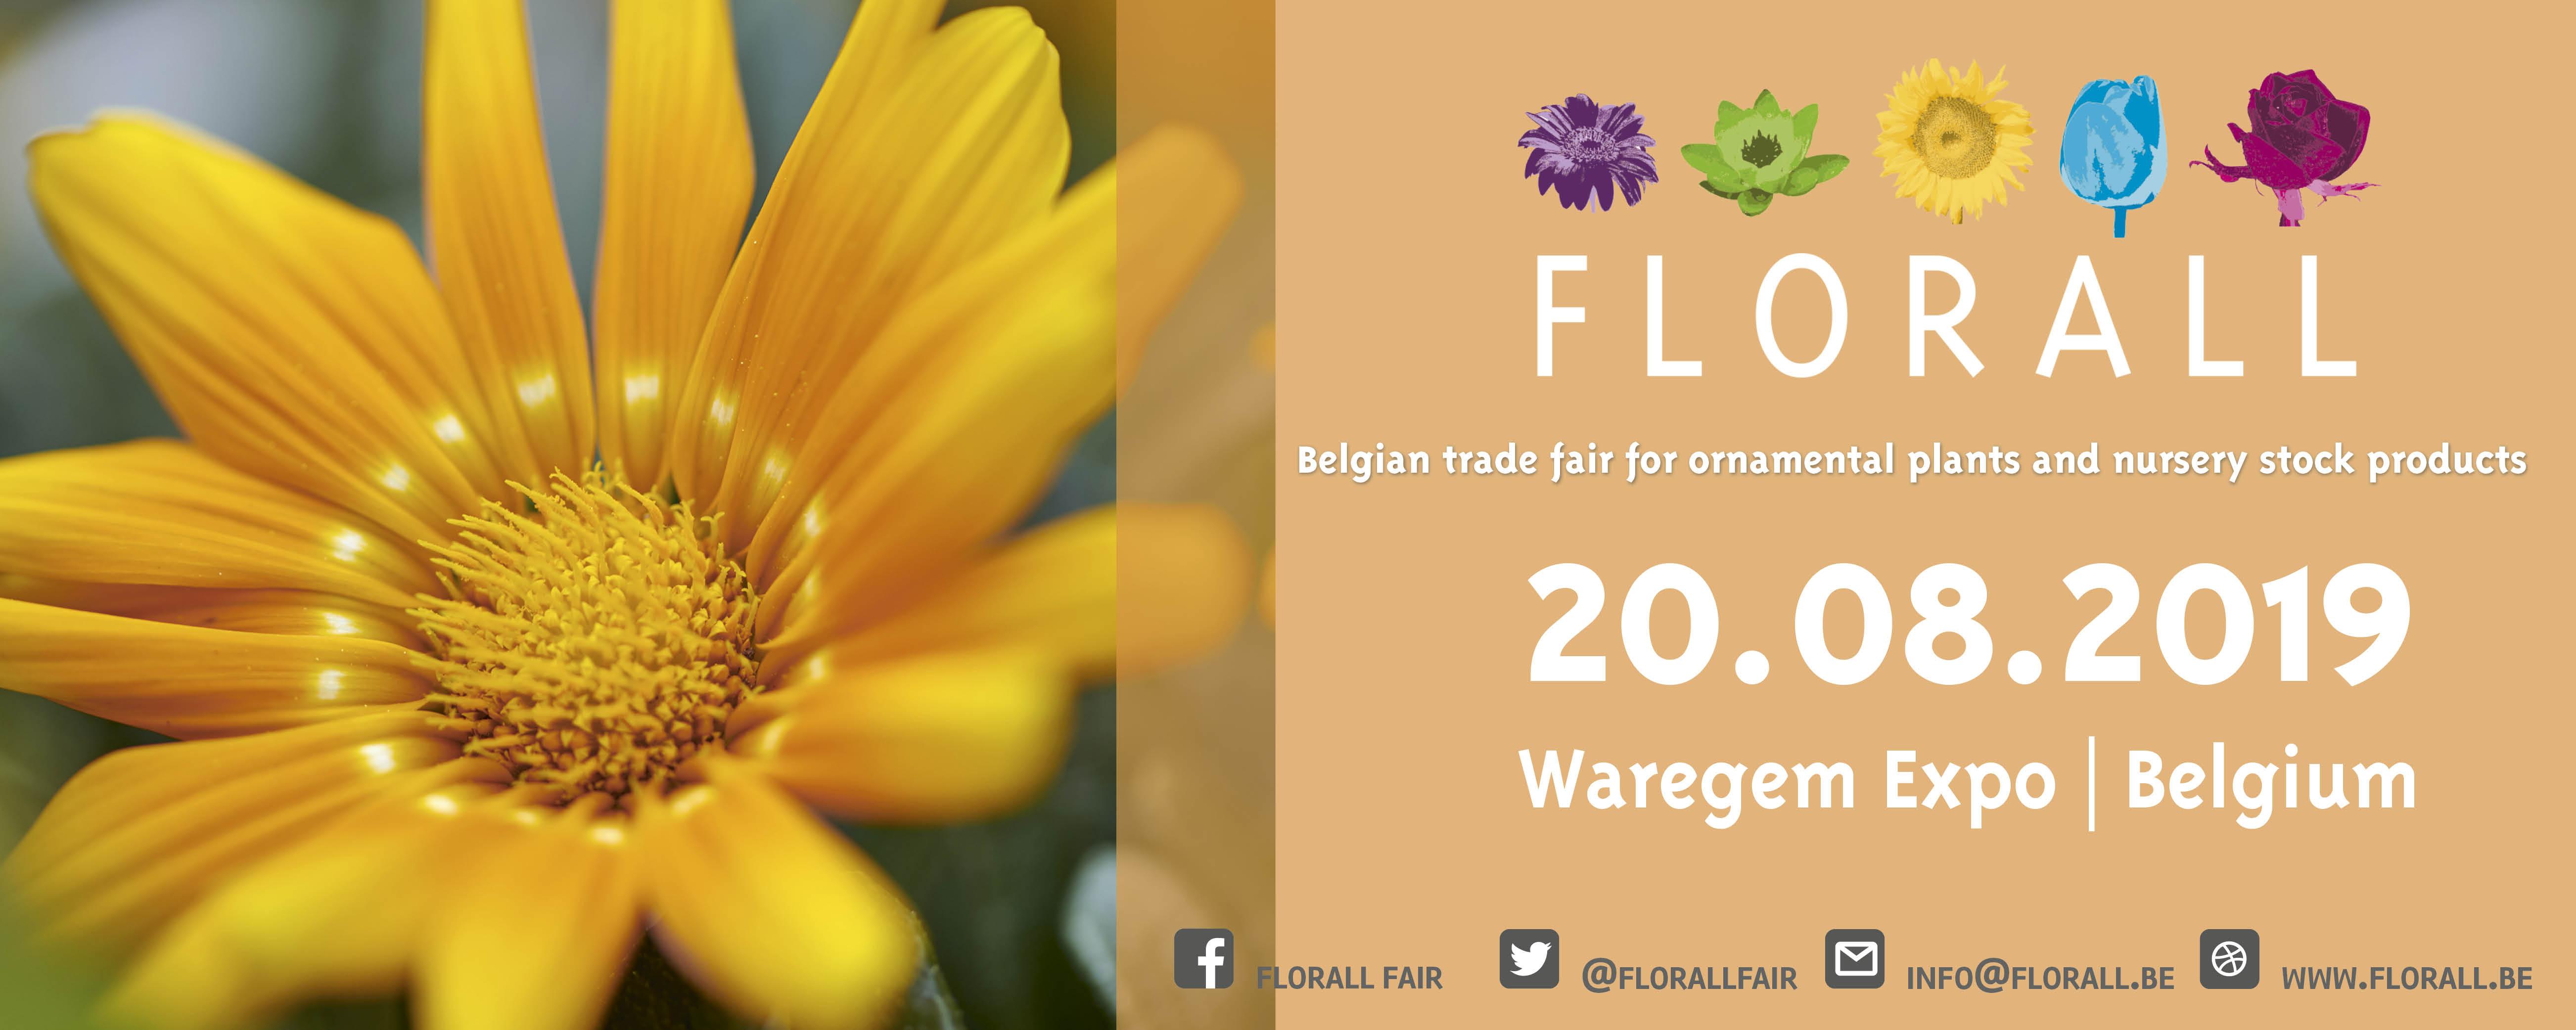 Florall, de vakbeurs voor sierplanten en boomkwekerijproducten – najaarsbeurs